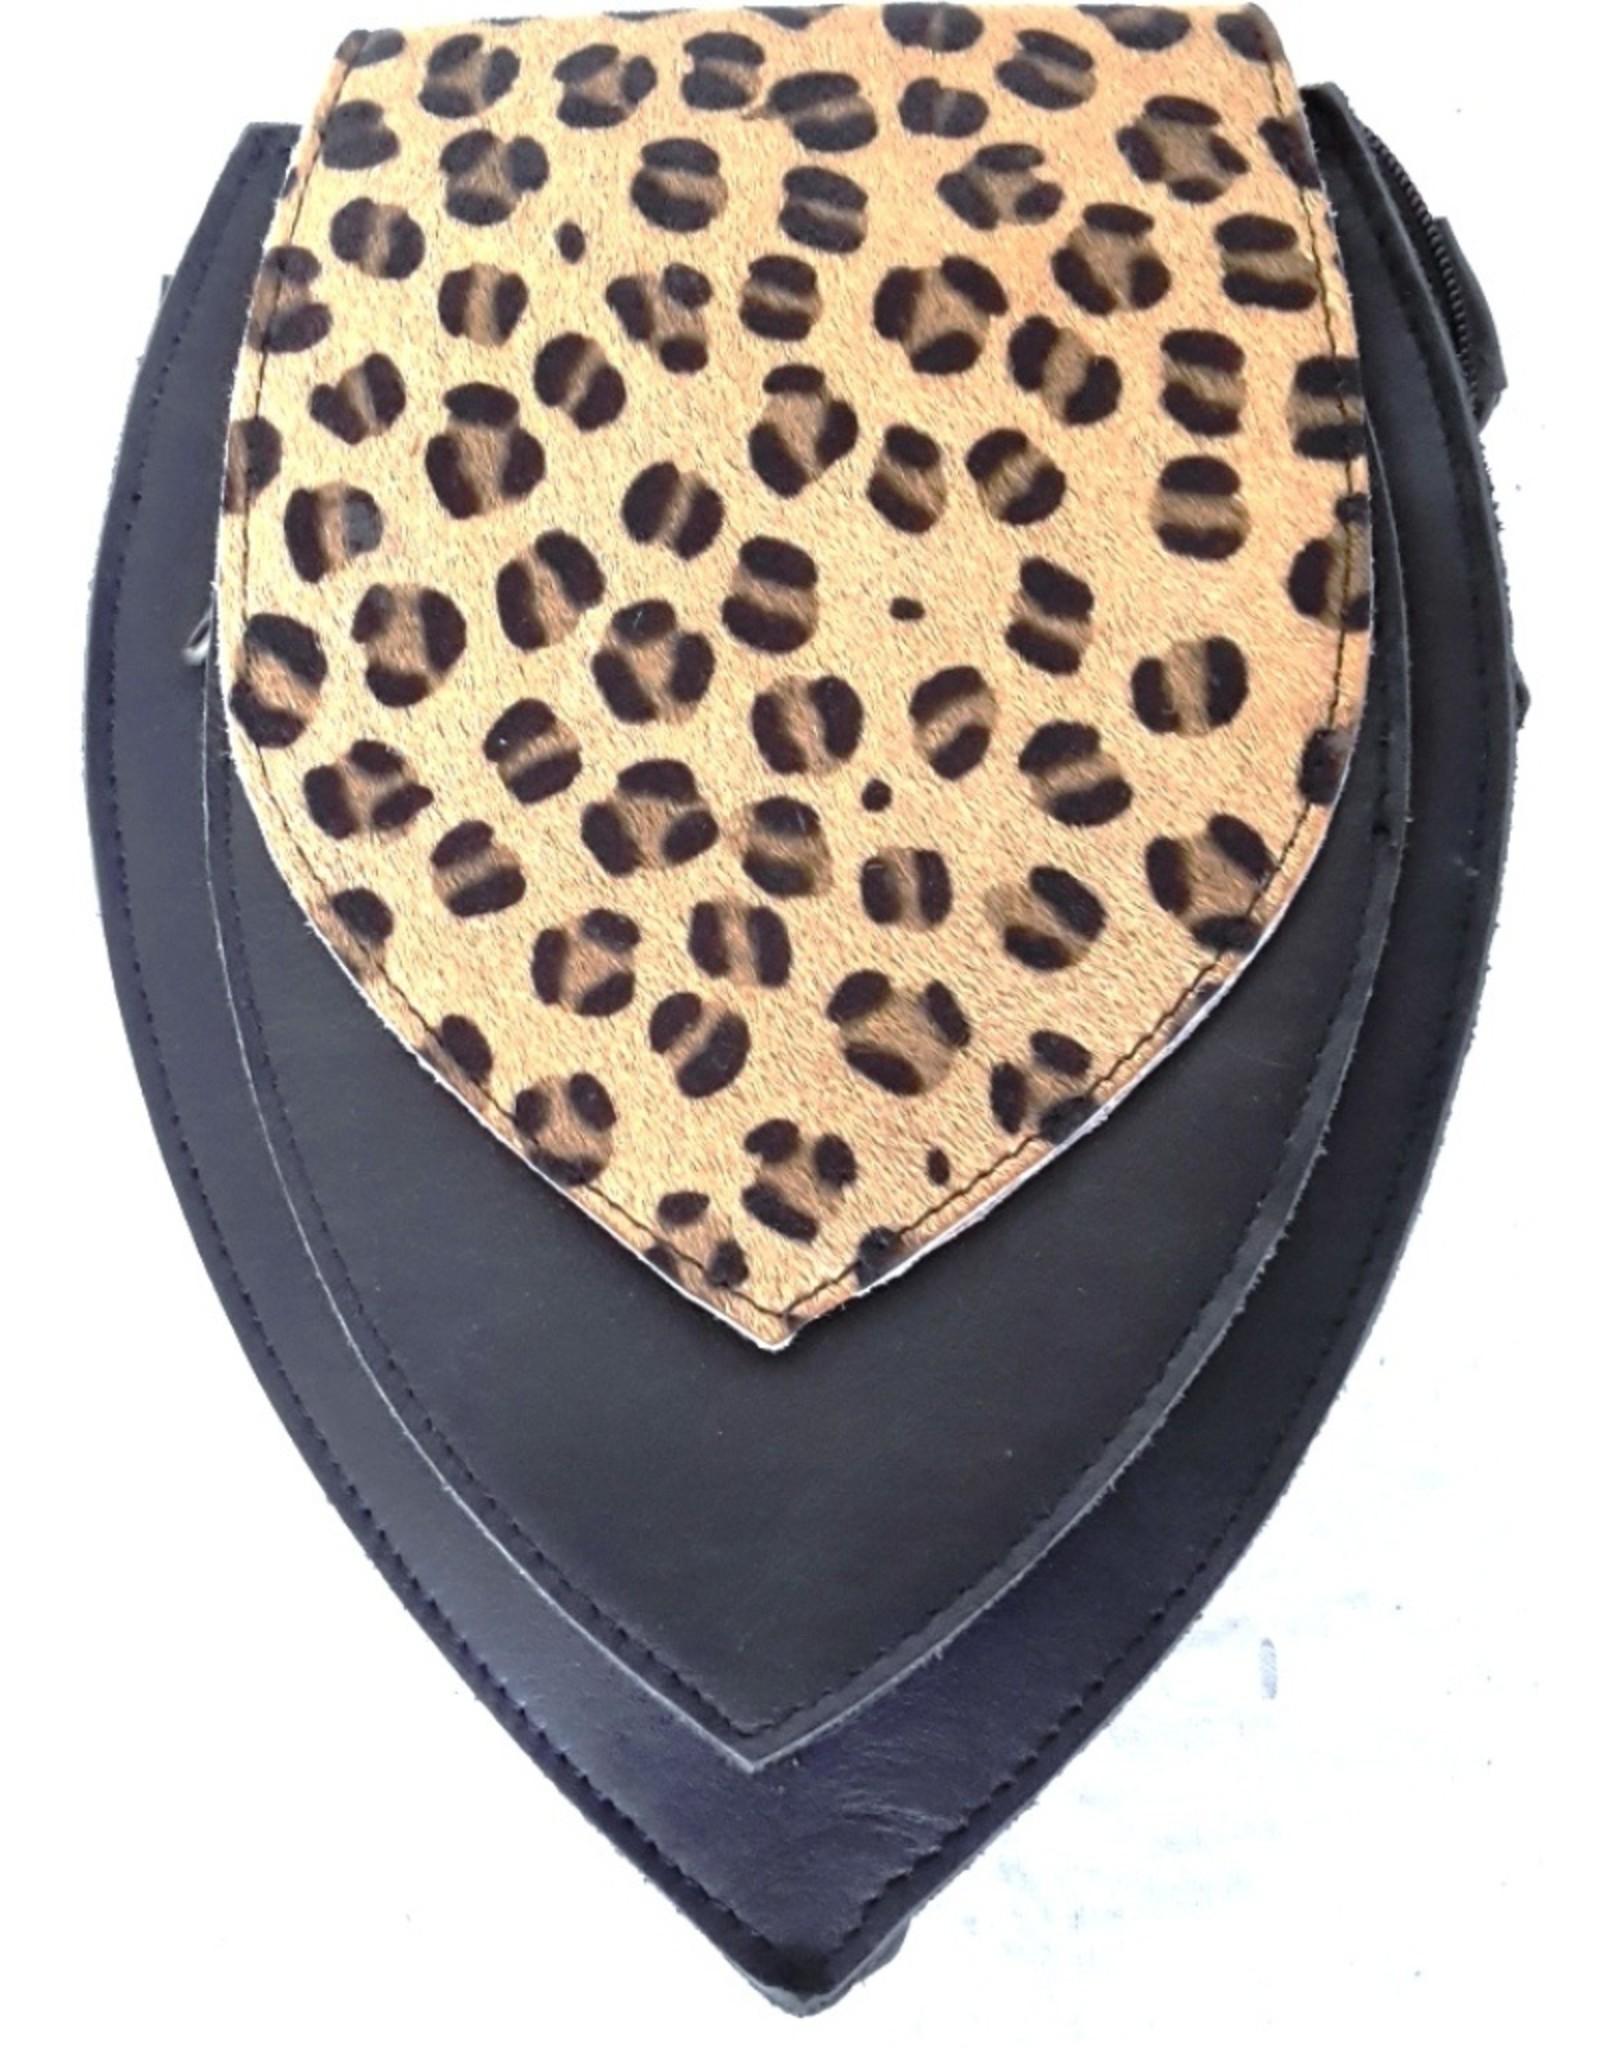 Leren Festivaltasjes, heuptassen en riemtassen - Leren heuptas met luipaard print omslag  (zwart)